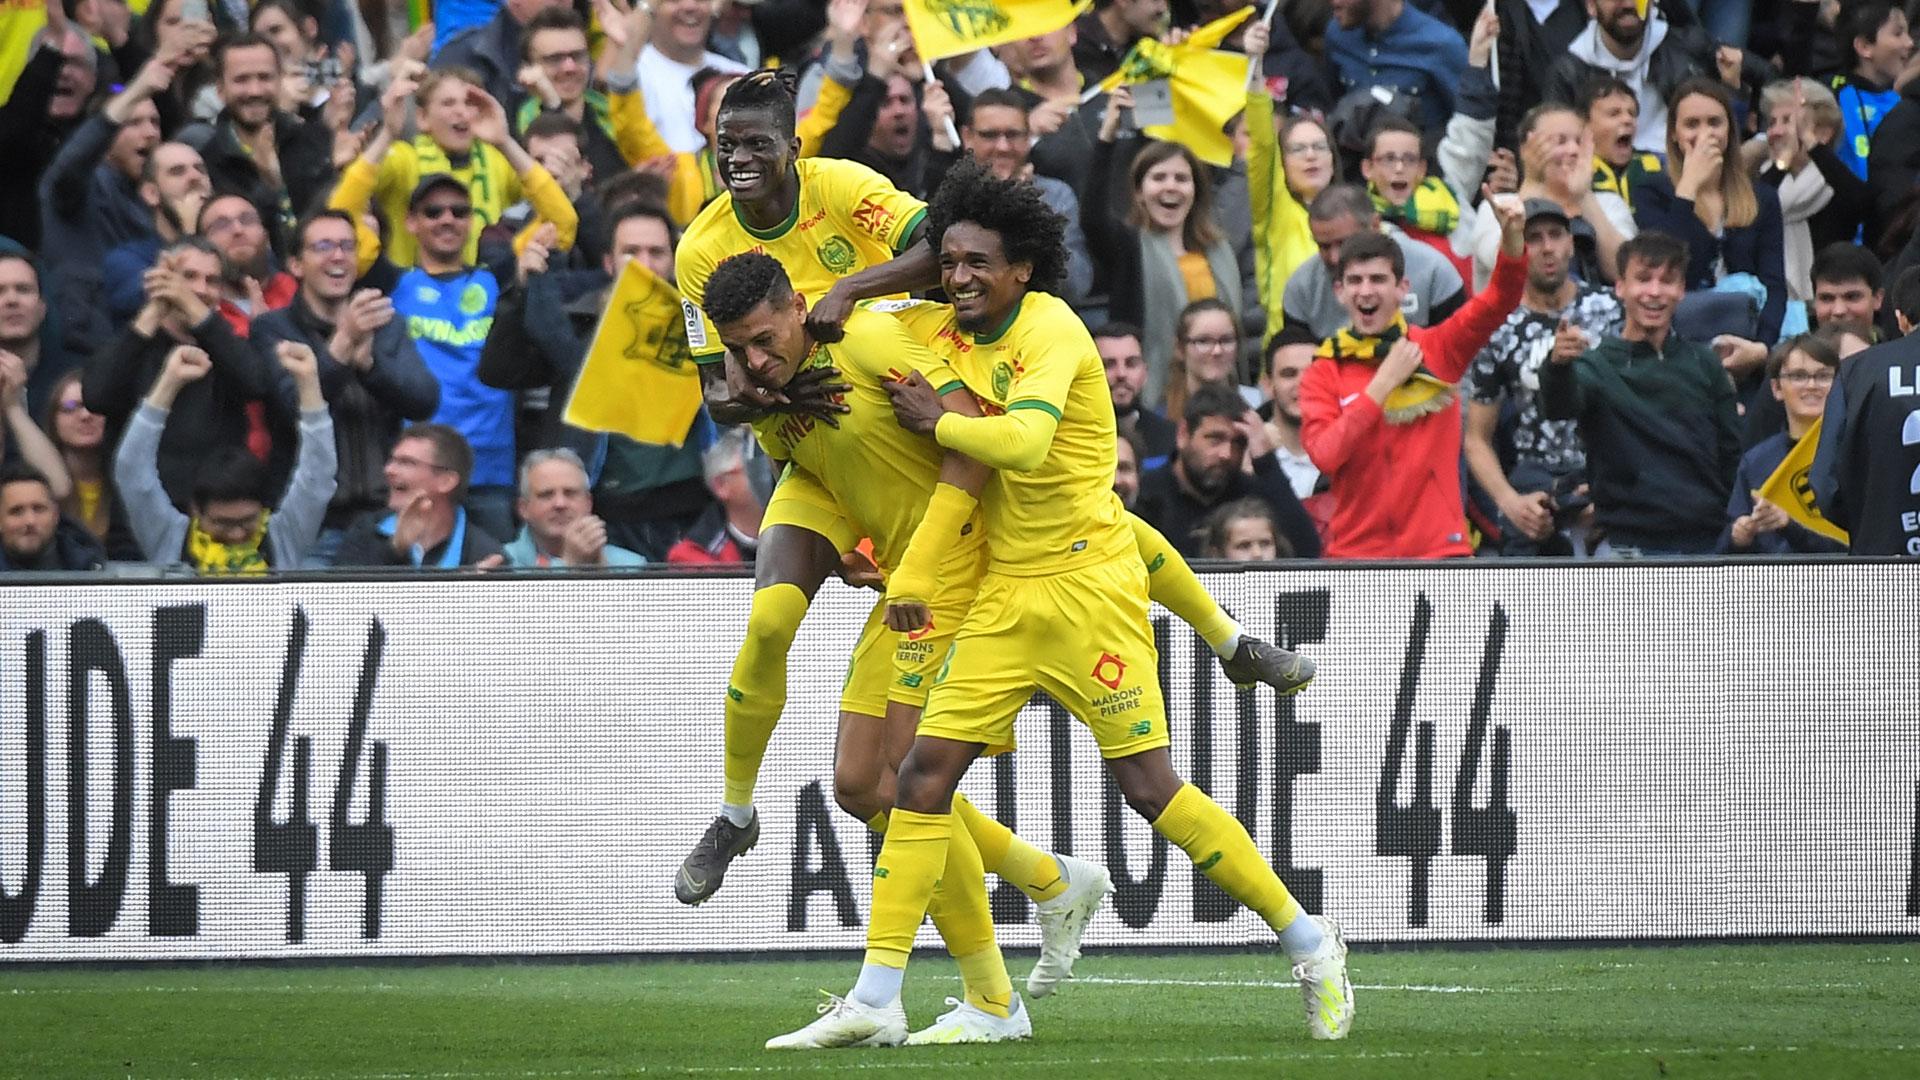 FC Nantes : le calendrier de Ligue 1 pour la saison 2019-2020